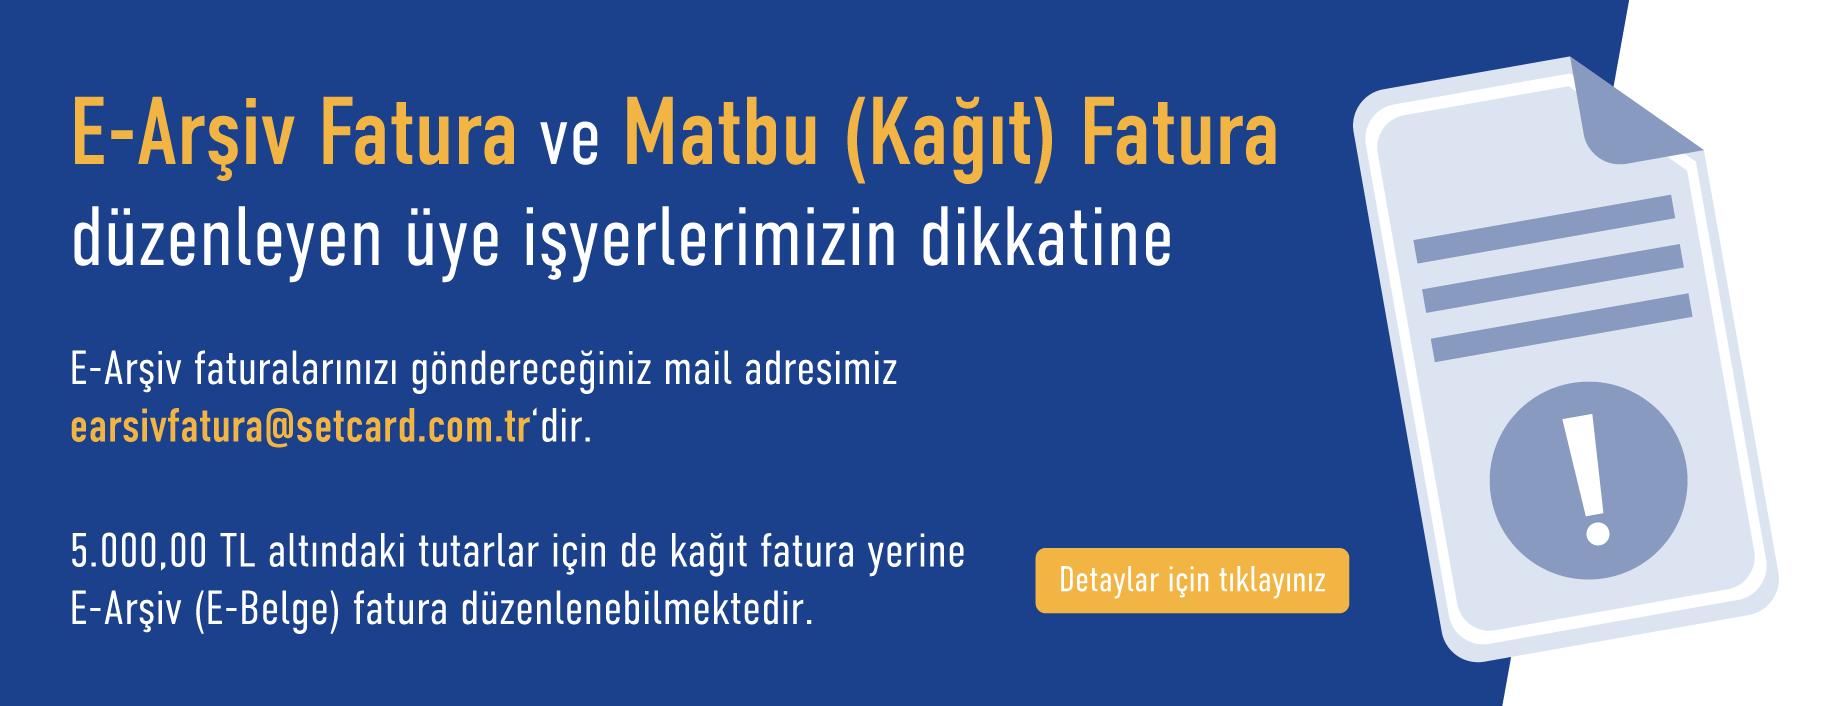 SETCARD ÜYE İŞYERİ